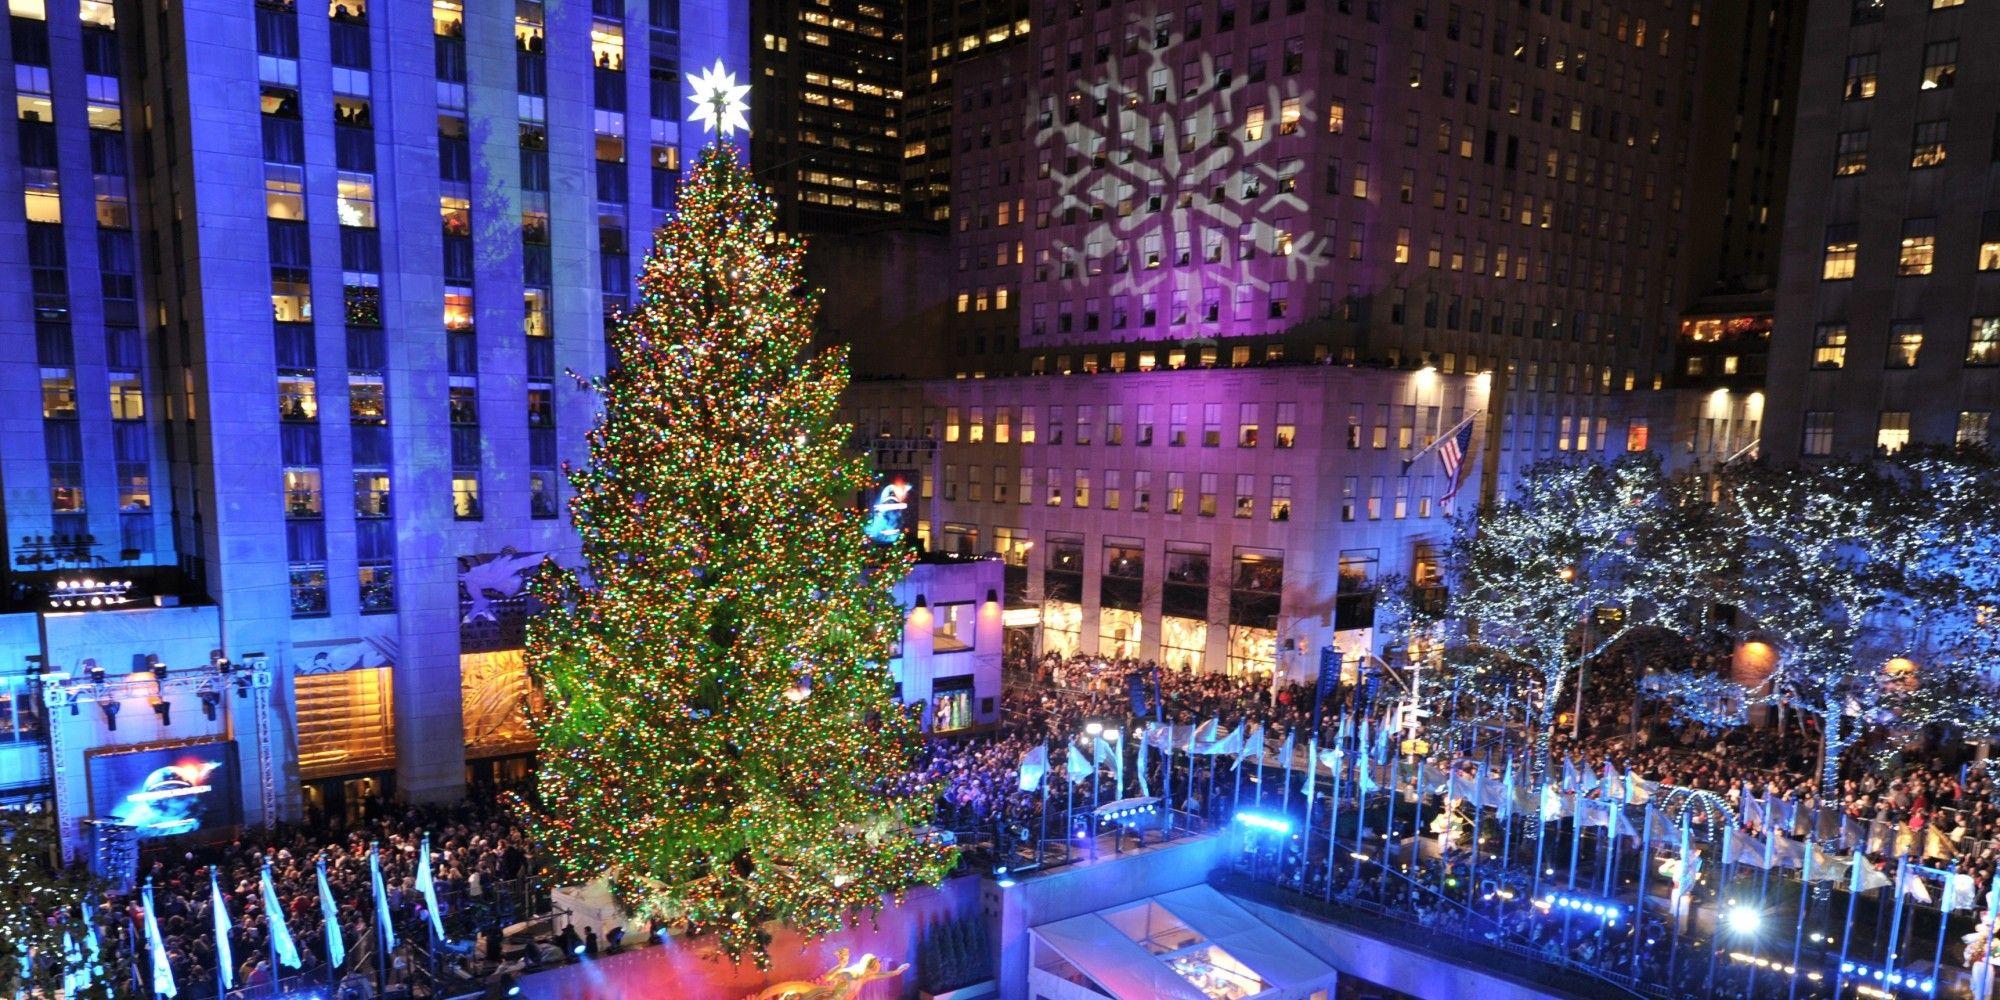 Rockefeller Christmas tree lighting 2019 Rockefeller